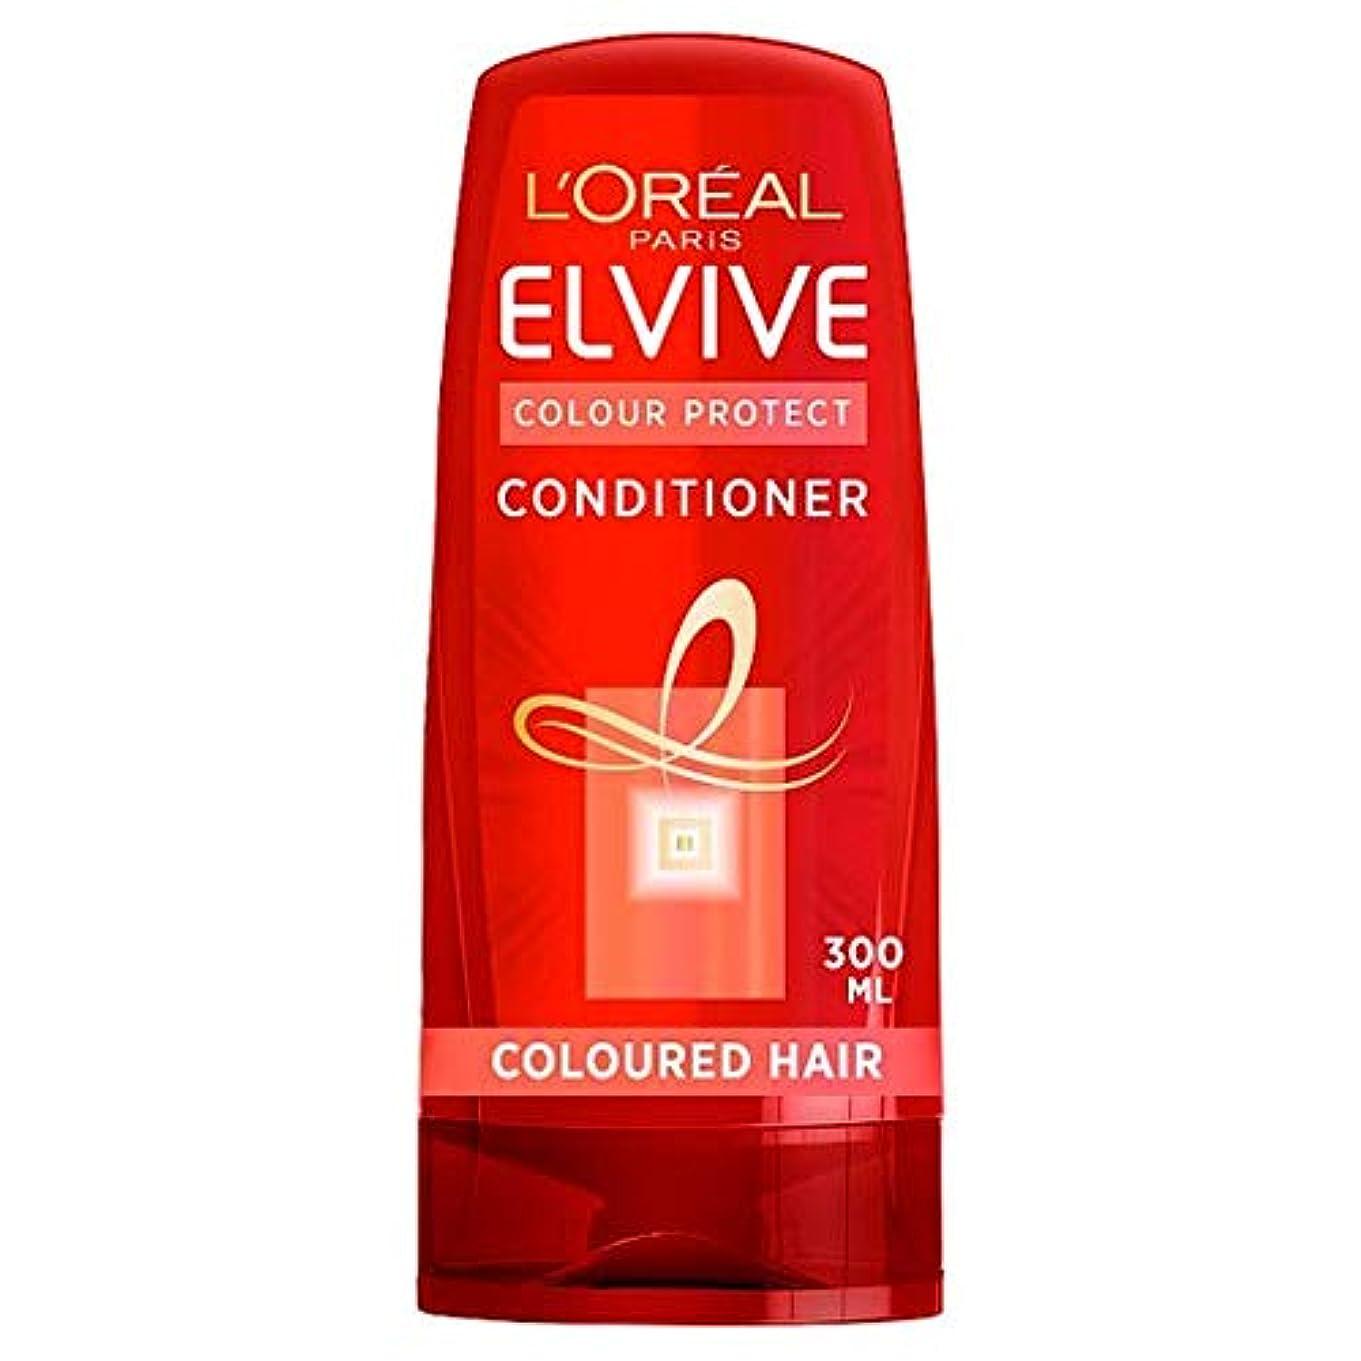 レクリエーション競う小売[Elvive] ロレアルElvive色の保護ヘアコンディショナー300ミリリットル - L'oreal Elvive Coloured Protection Hair Conditioner 300Ml [並行輸入品]